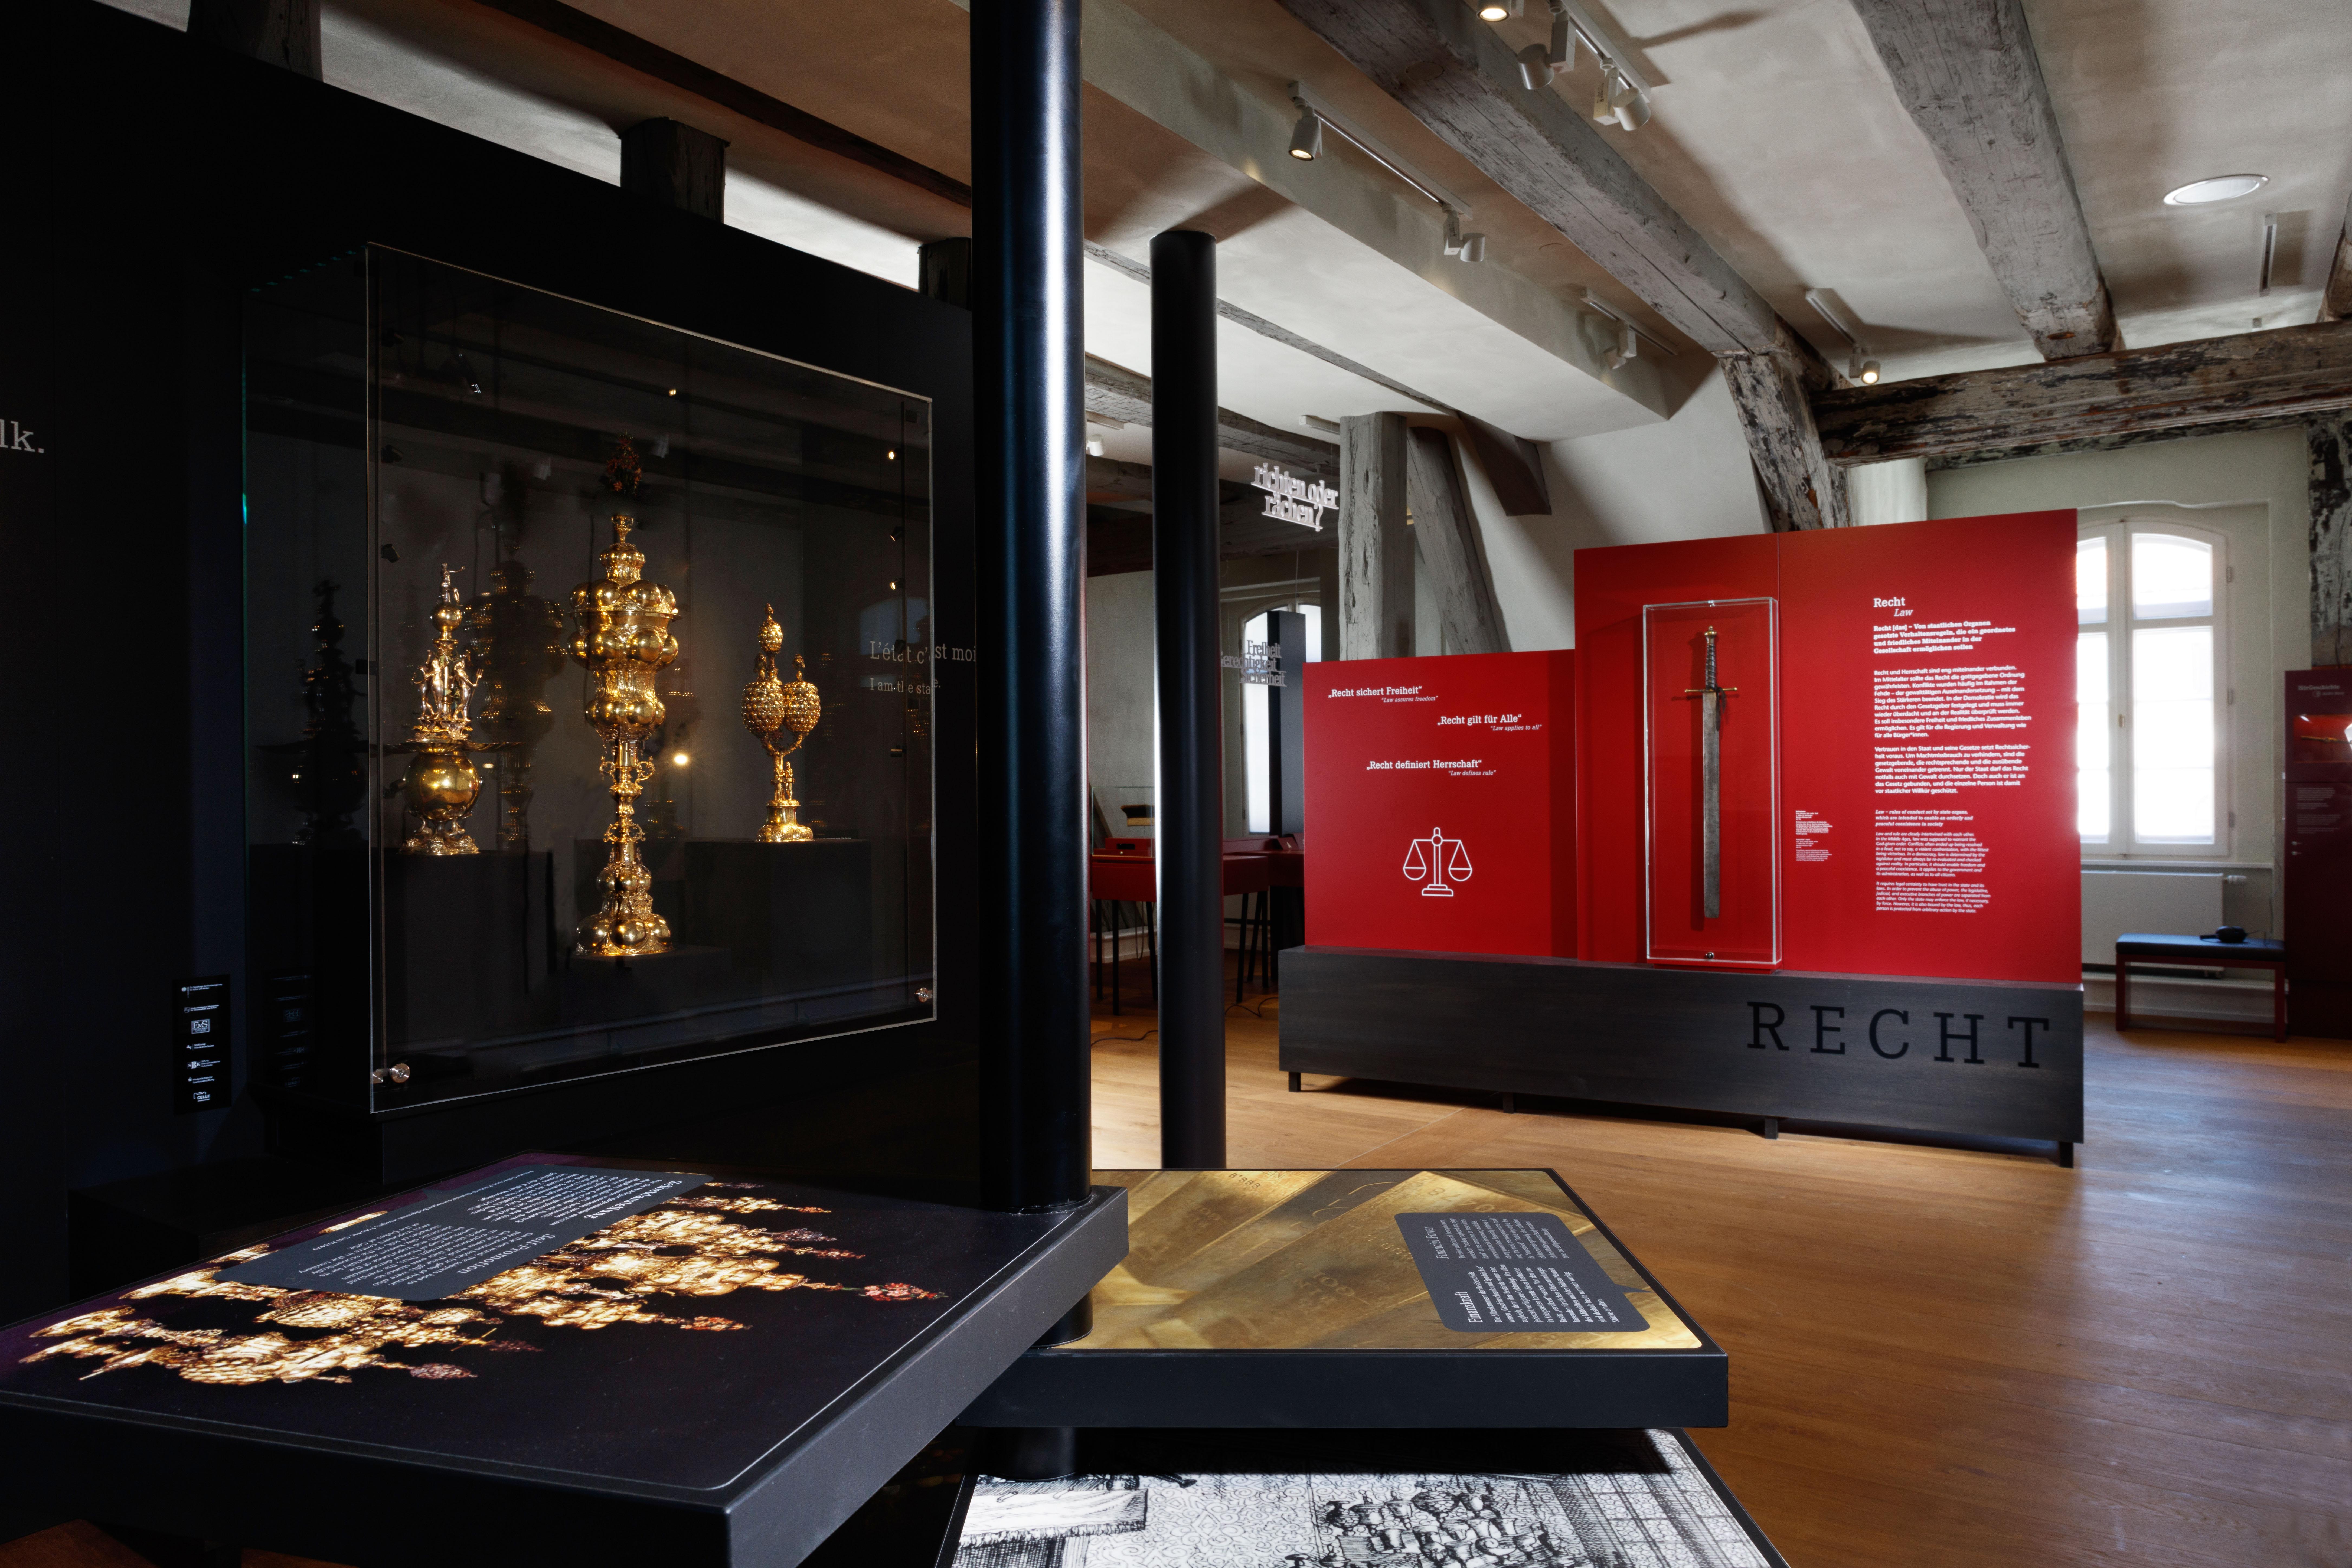 Blick in die Ausstellung (Recht)